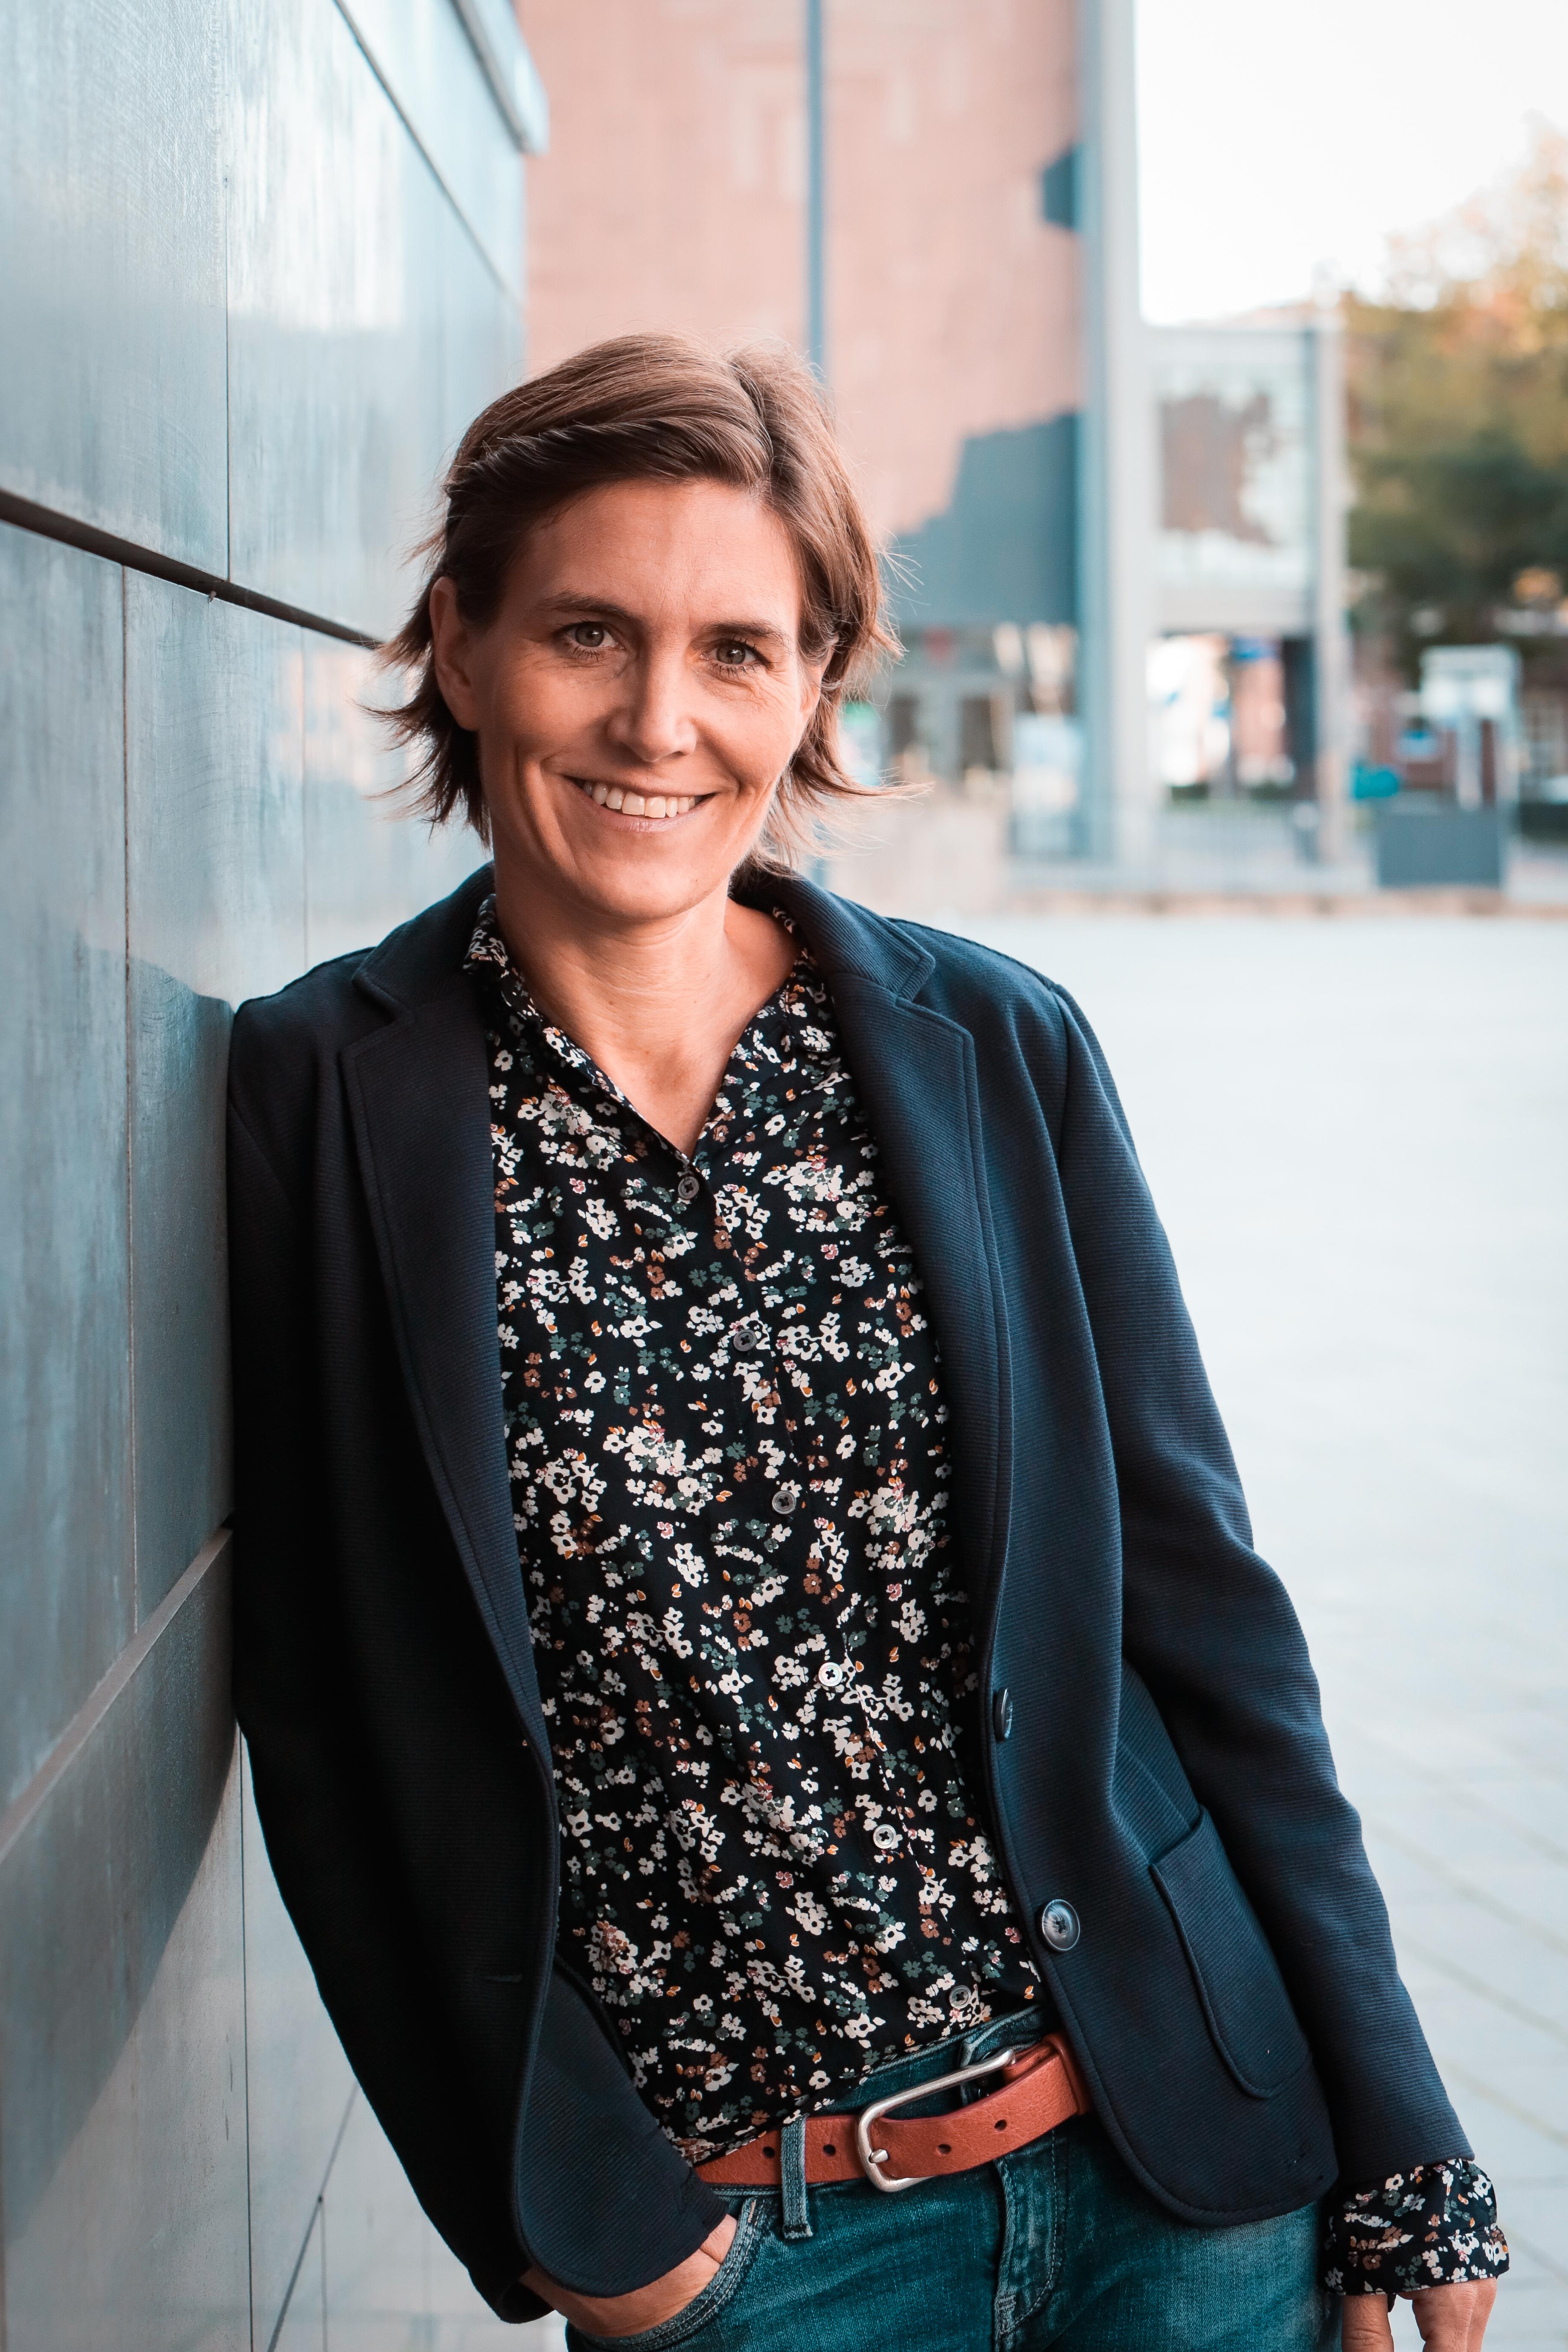 Yvonne Schmidtmann